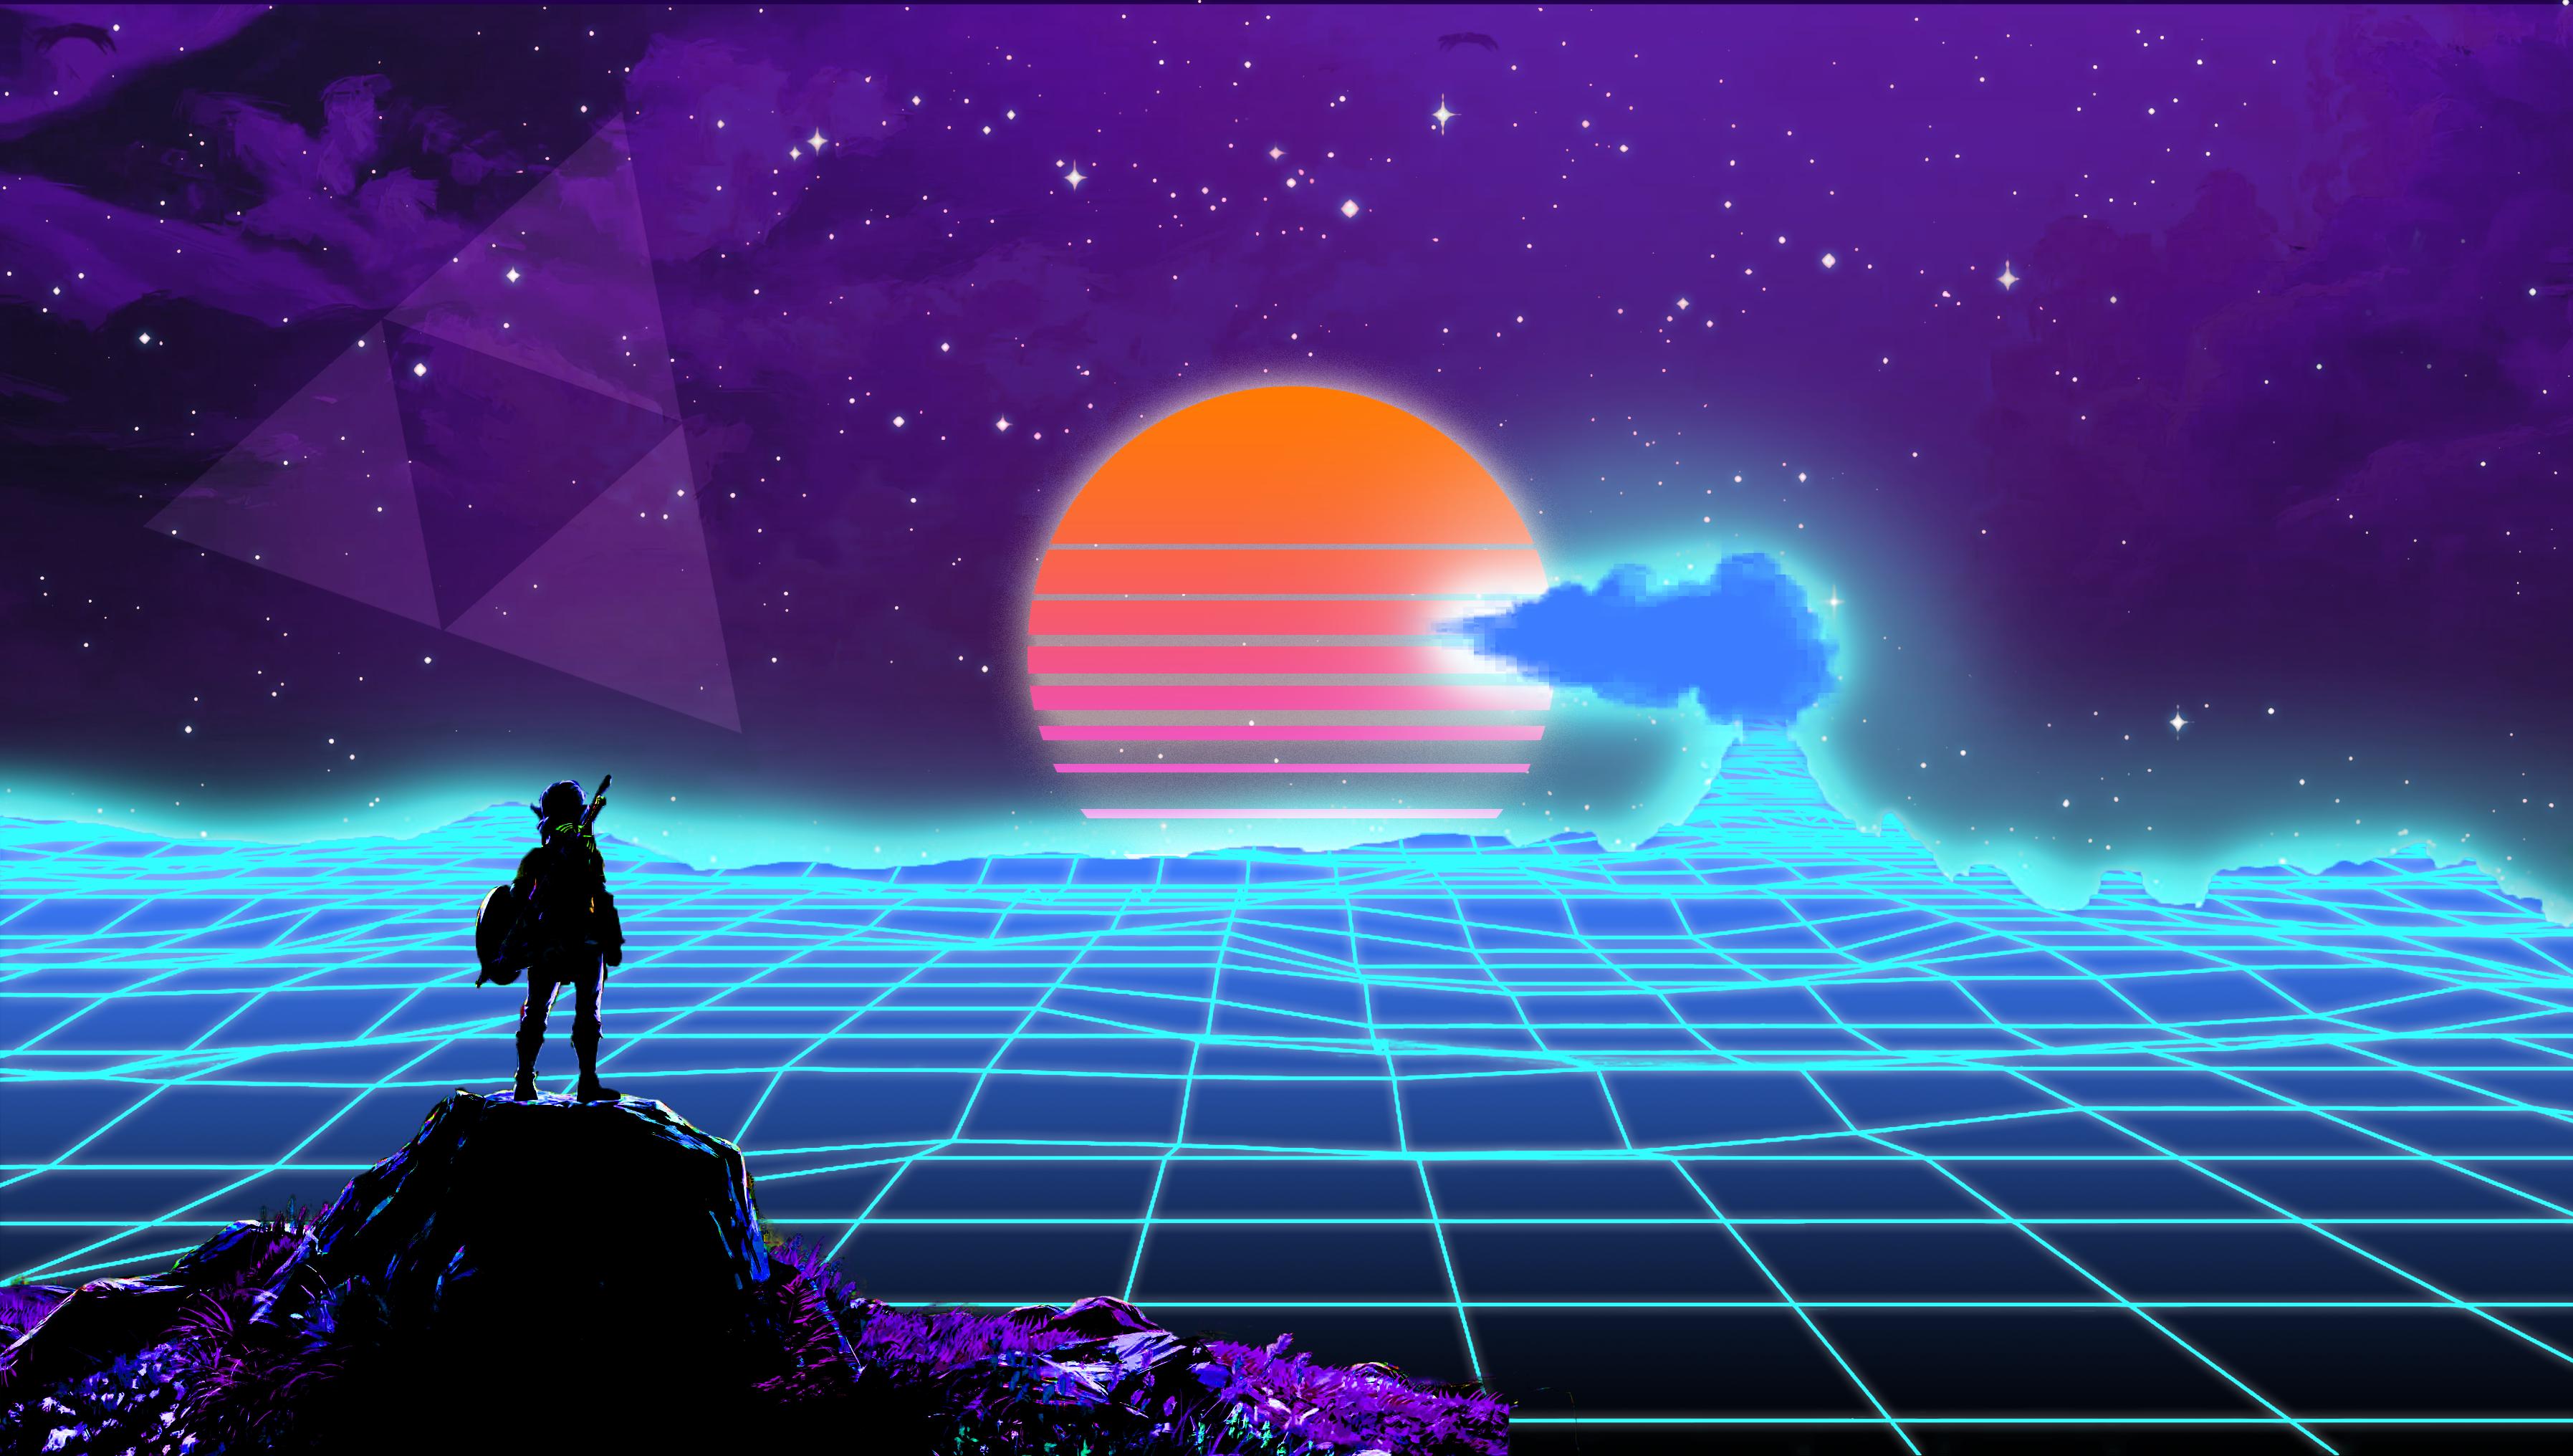 Zelda Background Png Legend Of Zelda Vaporwave 2496946 Hd Wallpaper Backgrounds Download